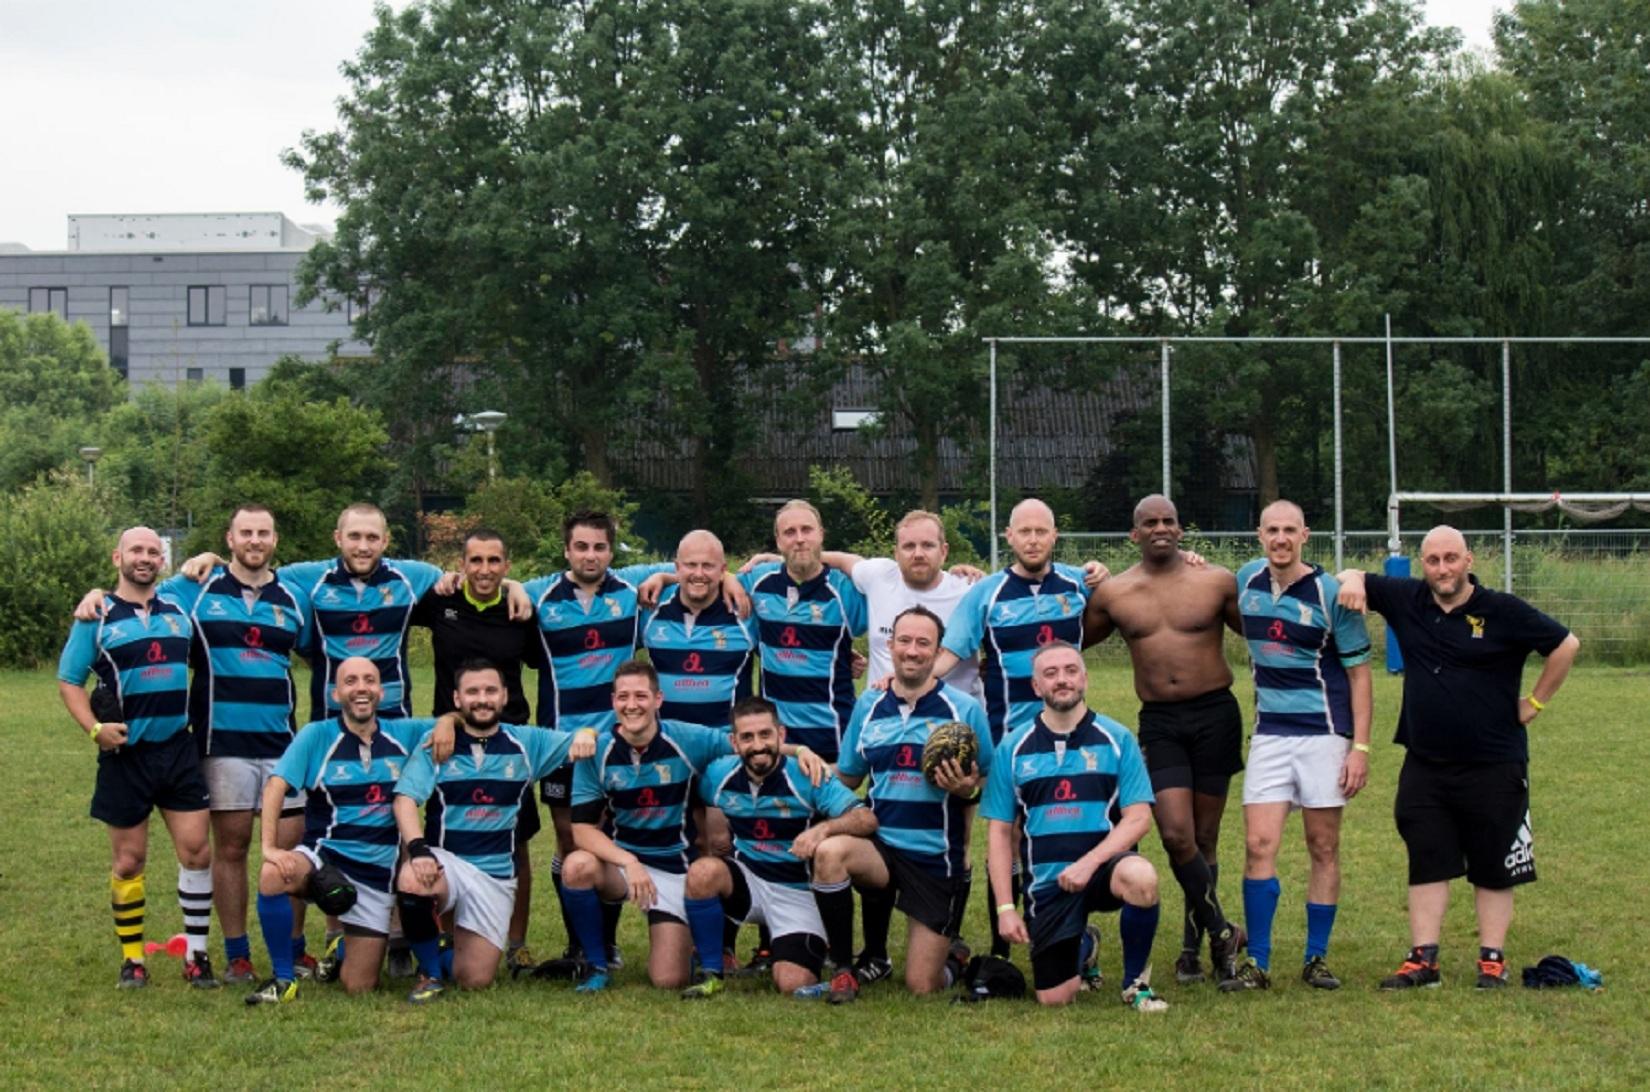 squadra gay rugby